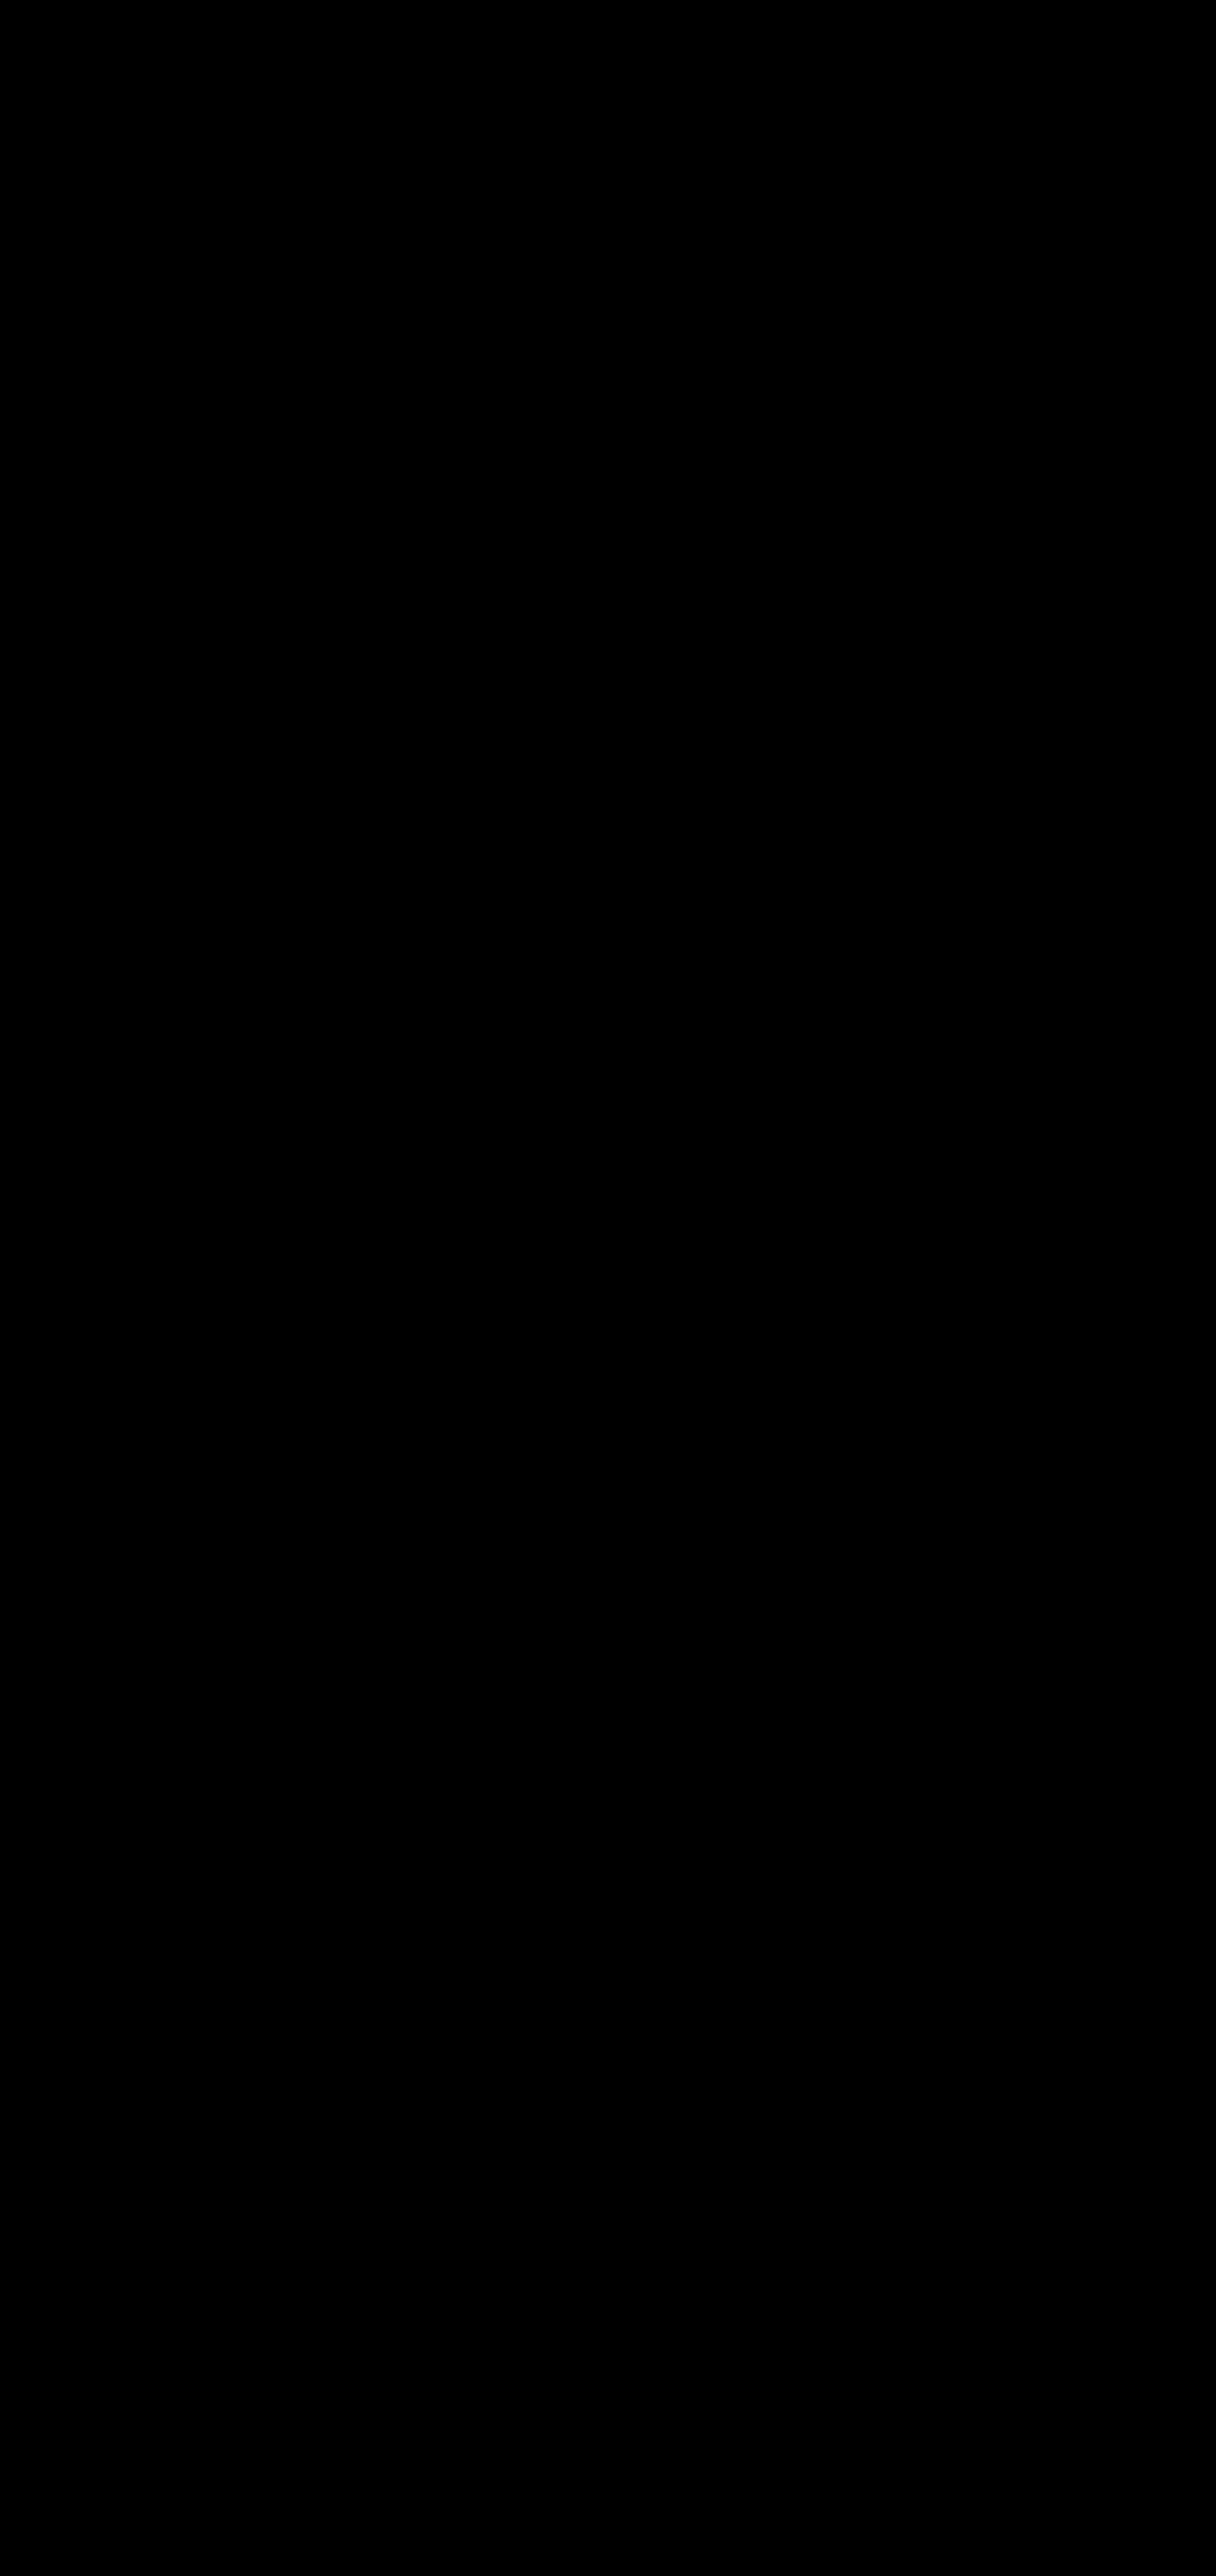 Astroboy-billboard